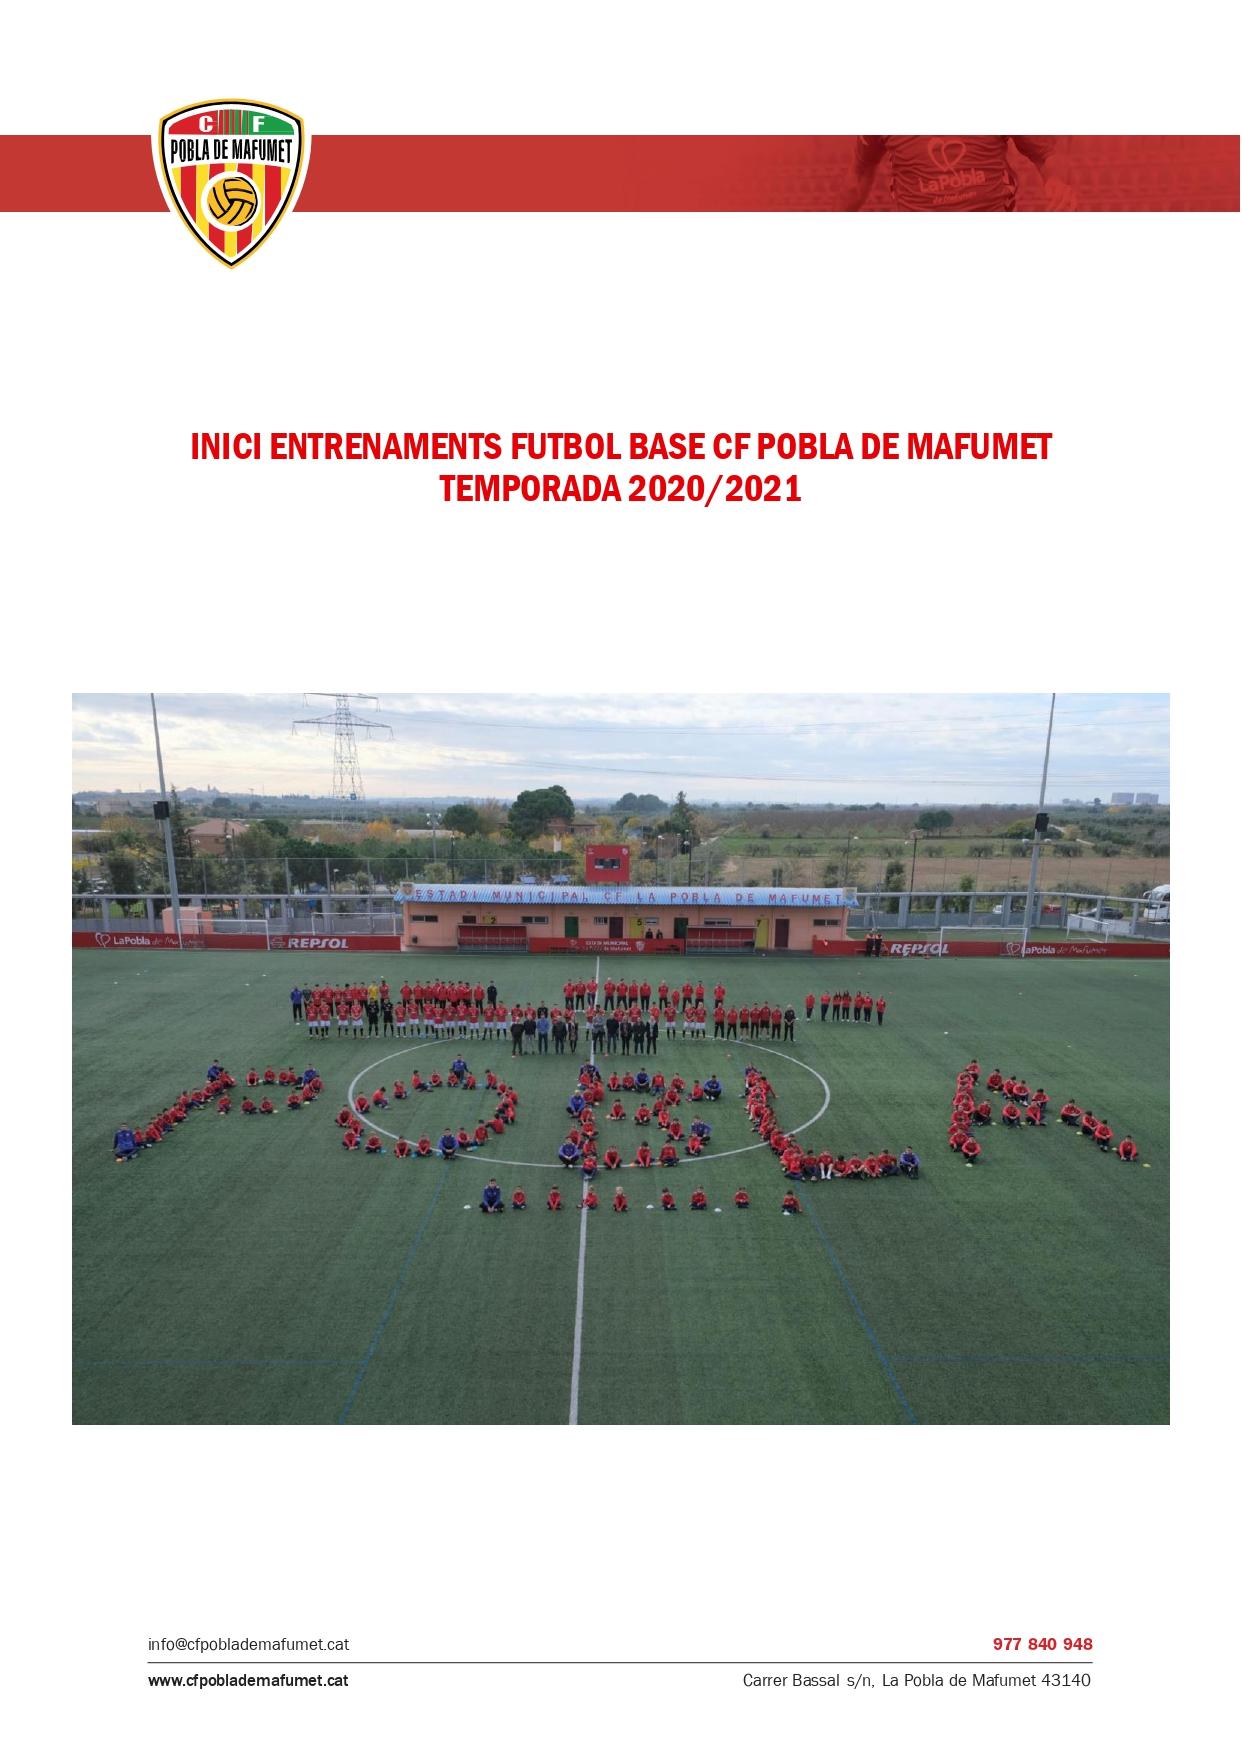 El CF Pobla de Mafumet presenta el protocol del futbol base per la temporada 2020/21